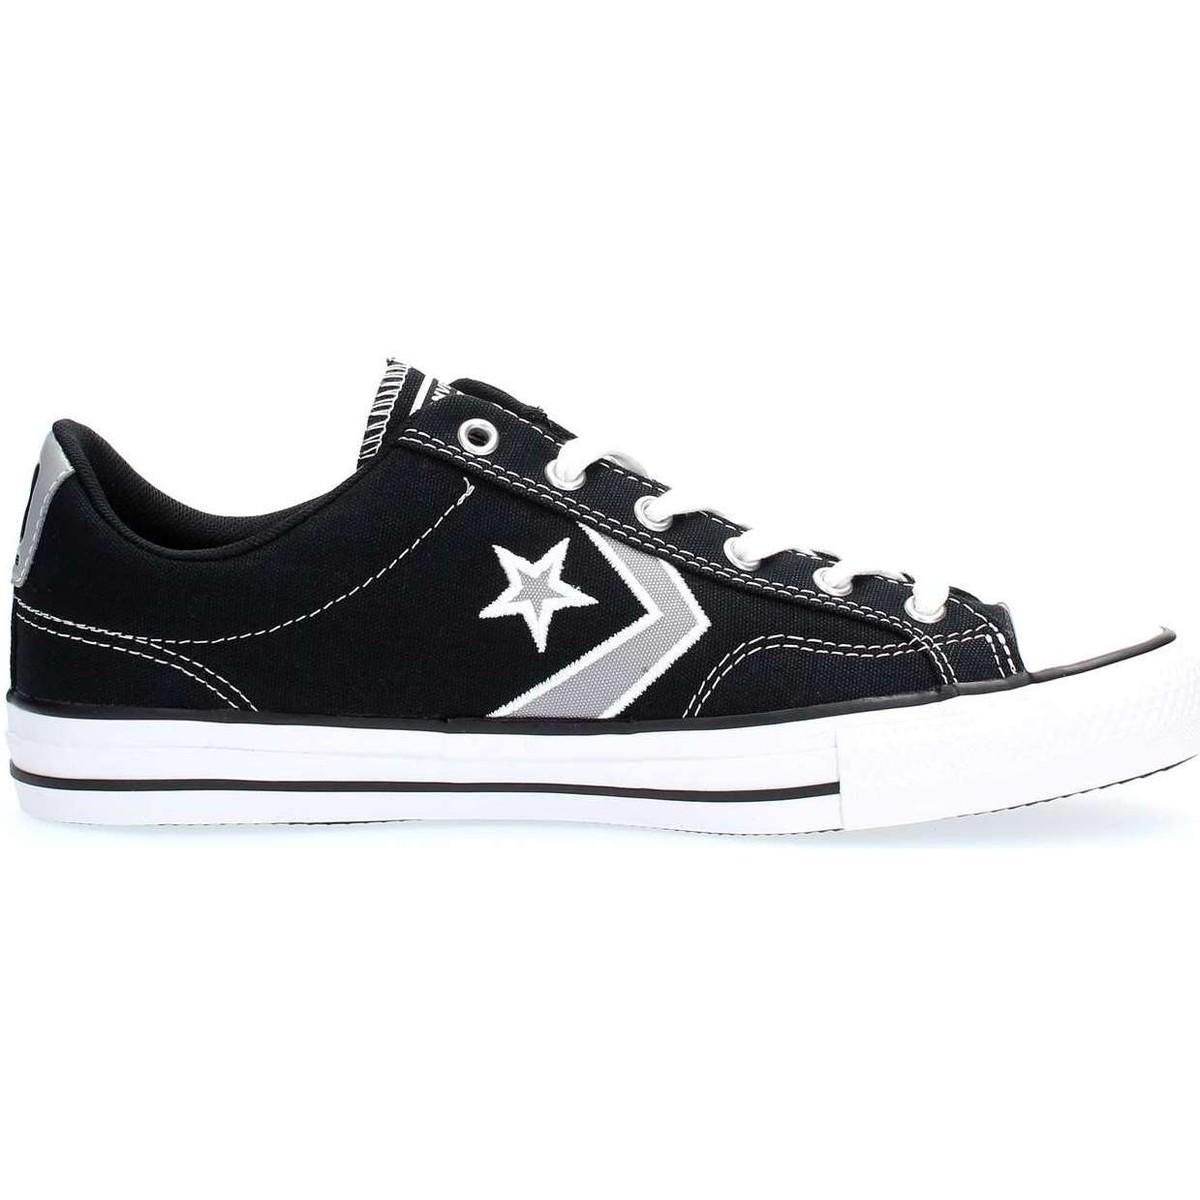 164399C STAR PLAYER Chaussures Converse pour homme en coloris Noir 3ST3